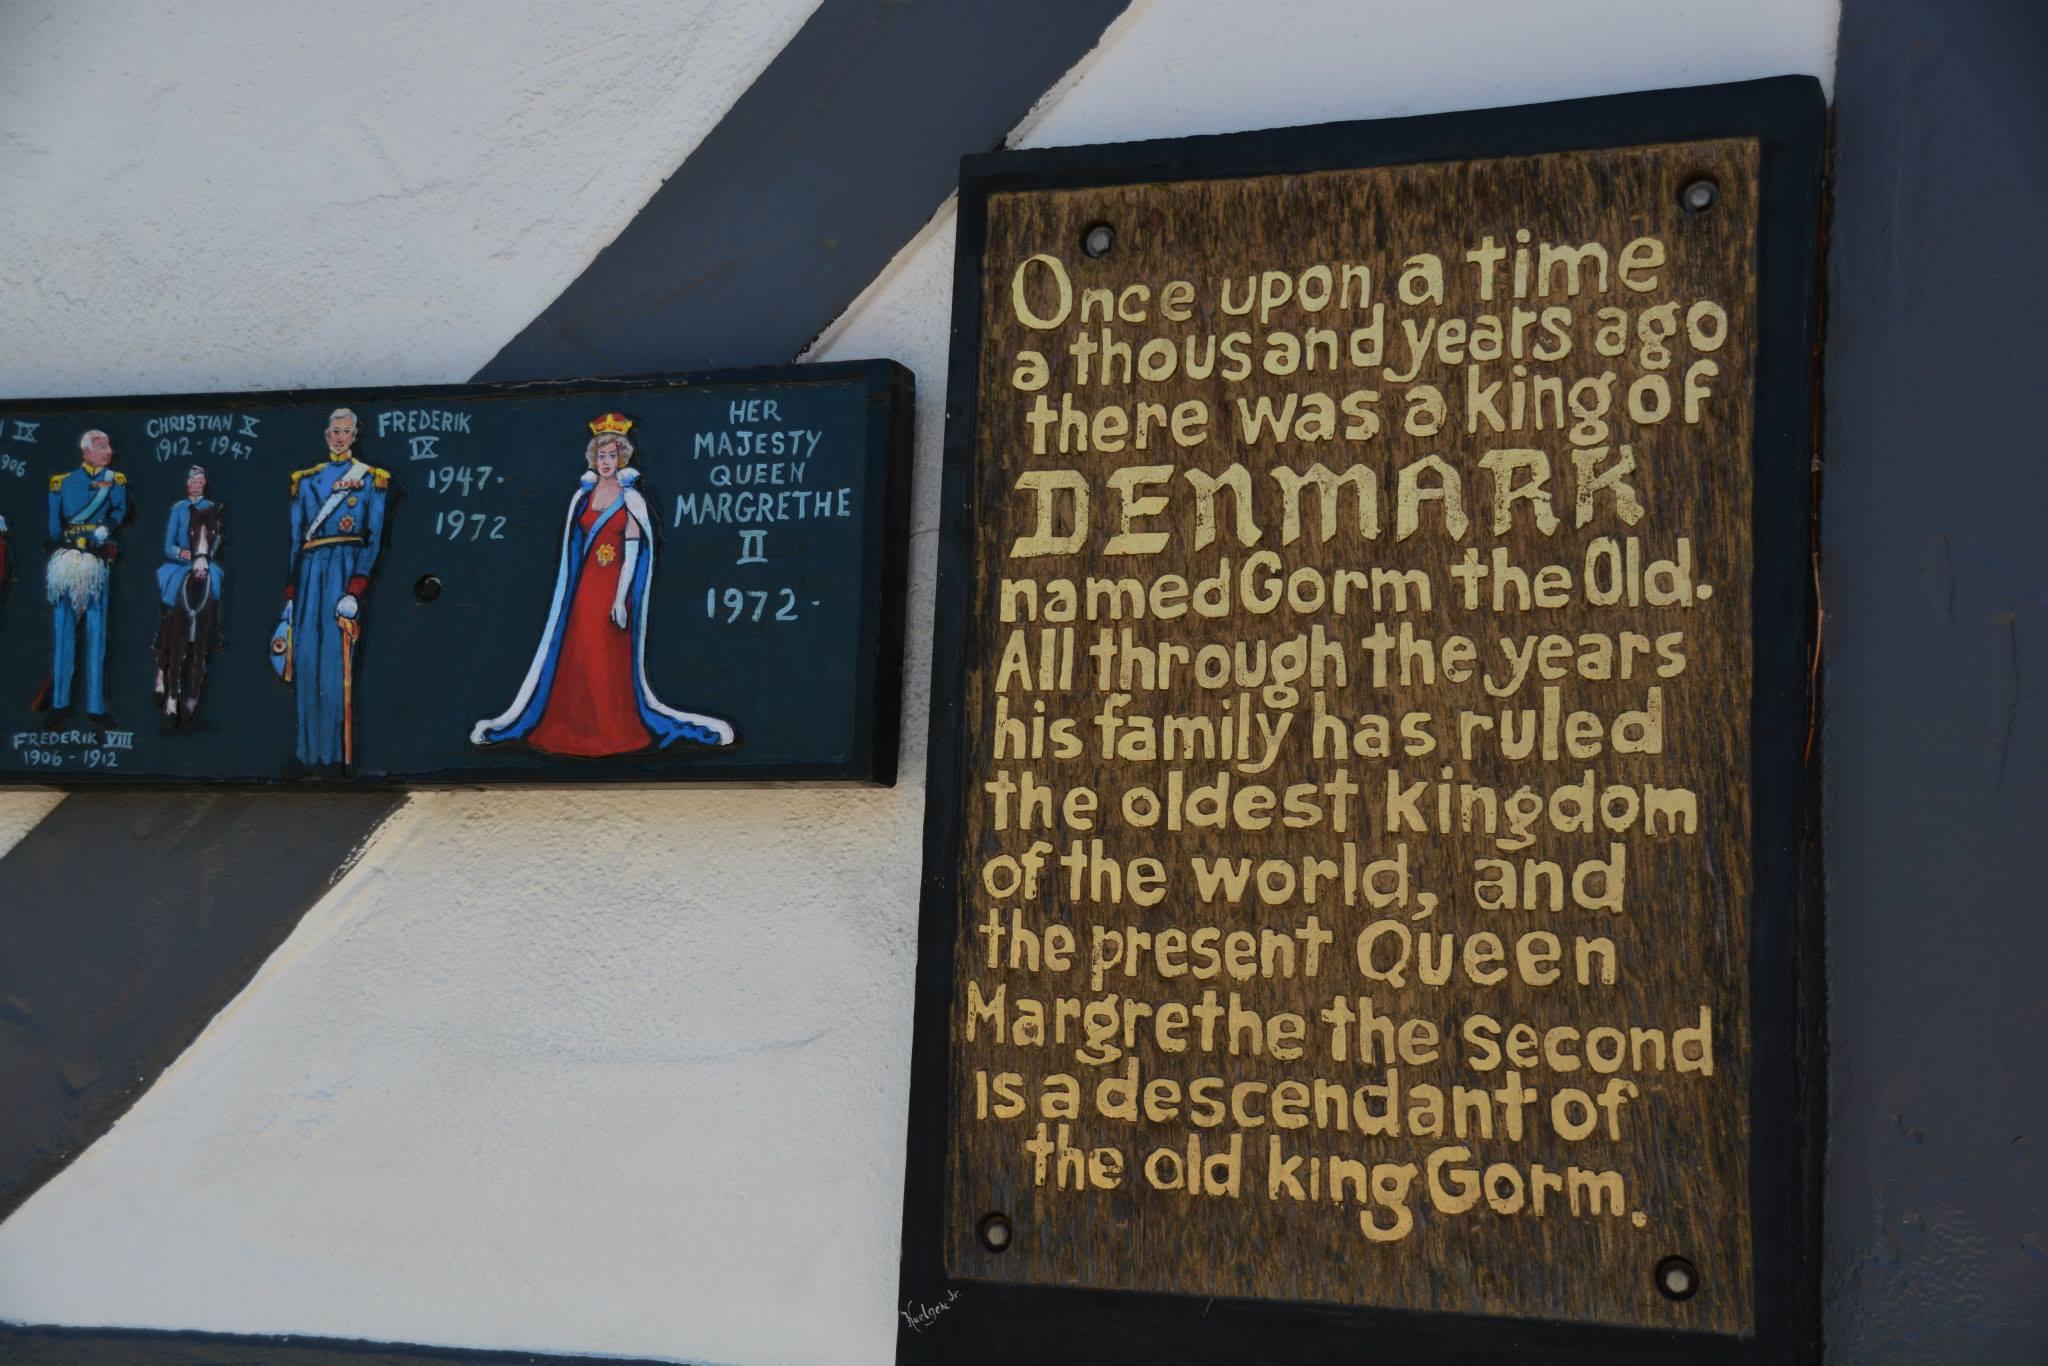 ציור עץ המתאר את שושלת המלוכה הדנית